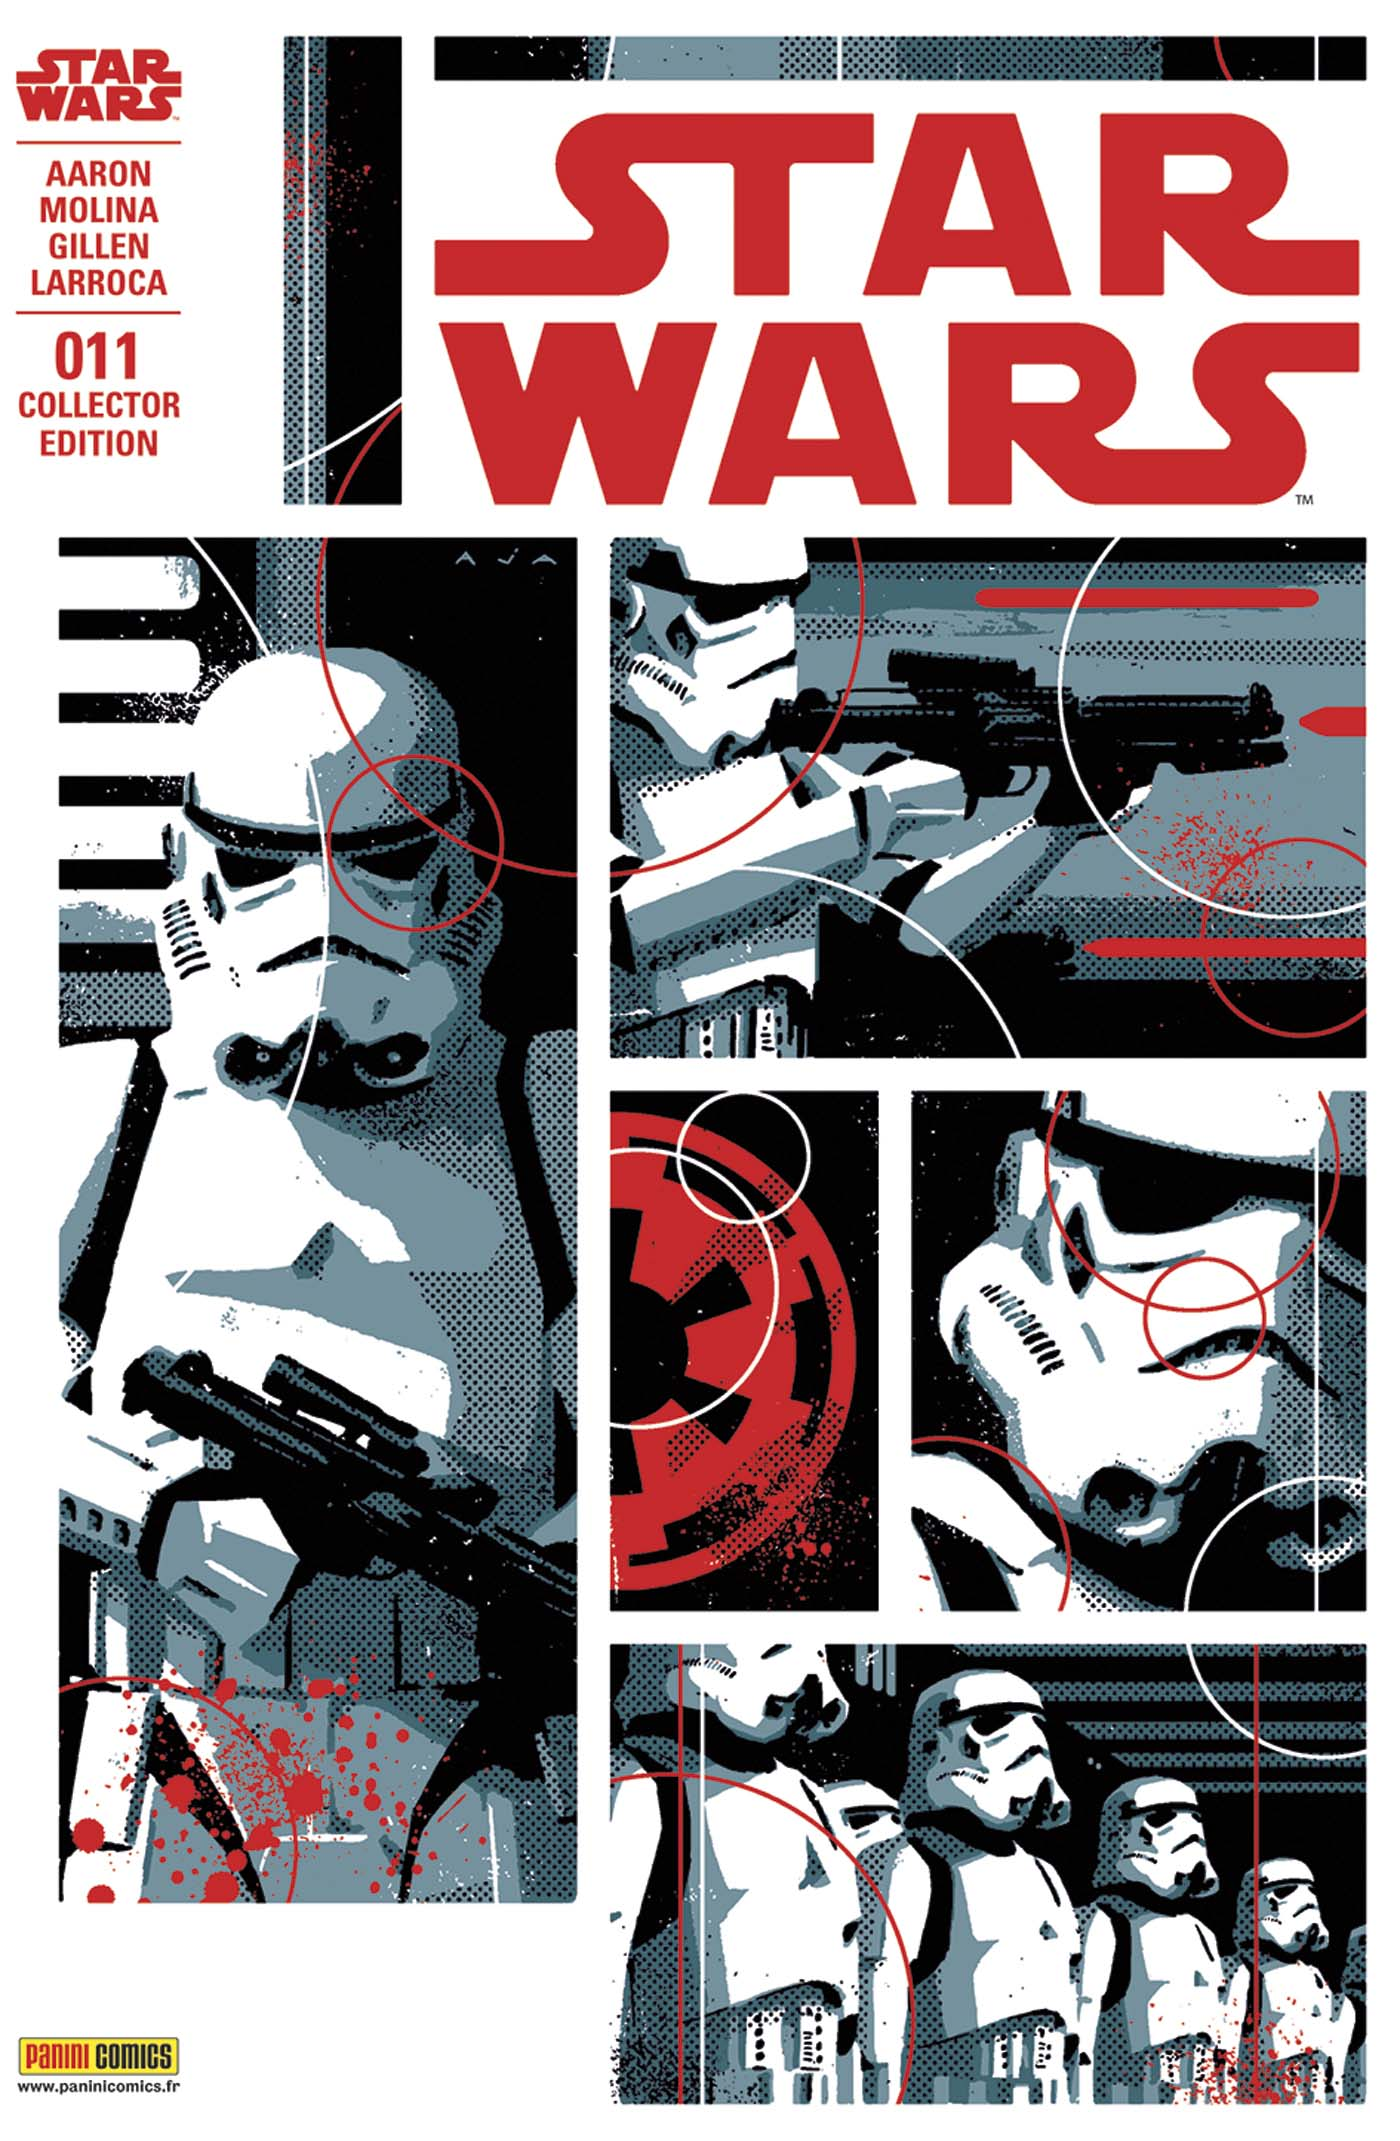 Star Wars 11 - Édition collector de David Aja avec effet métal disponible